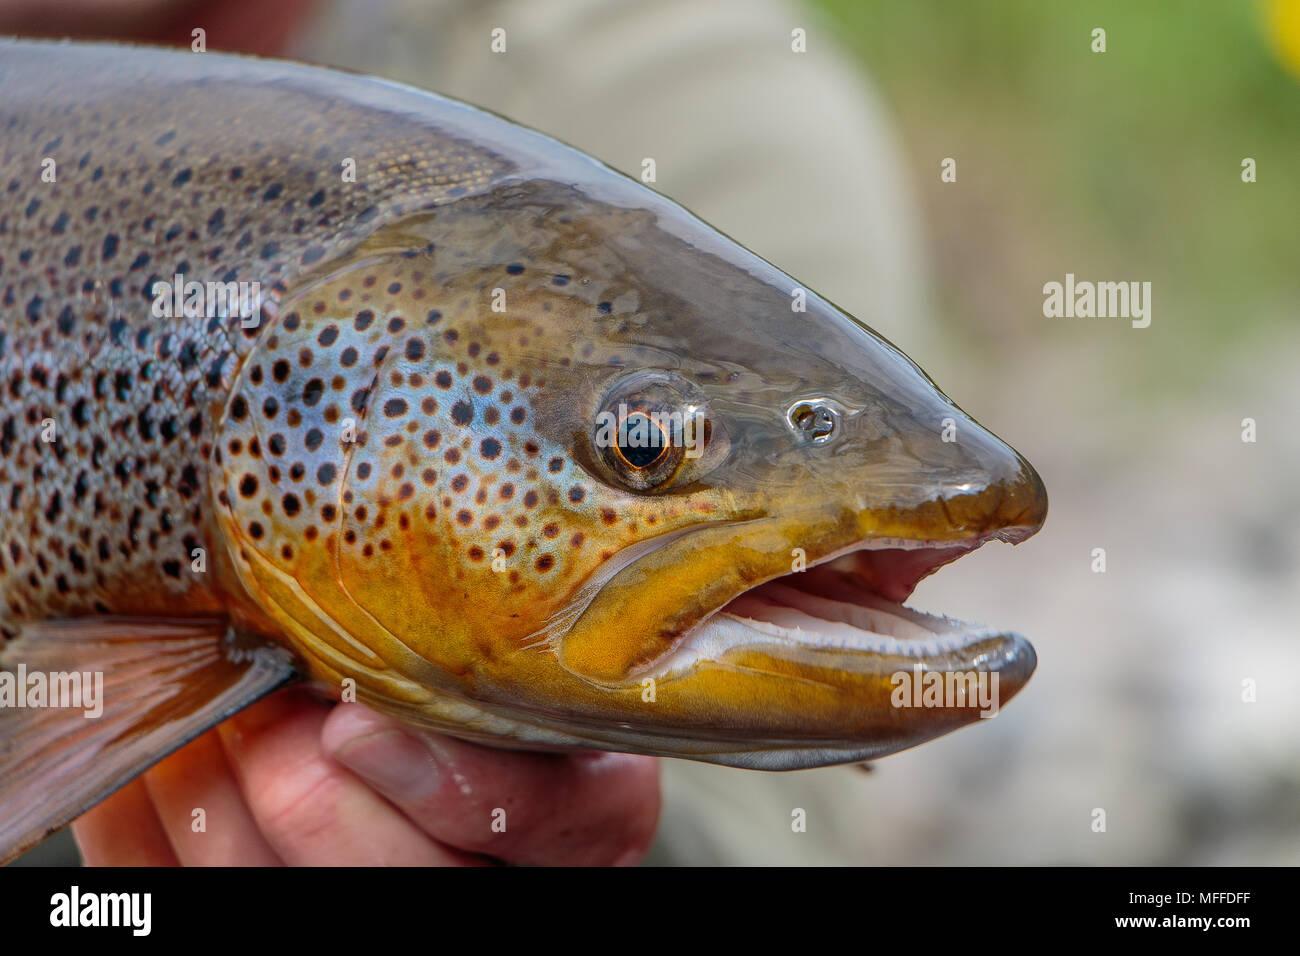 Cierre de disparo a la cabeza de una impresionante truchas salvajes de un espécimen de tamaño. Un pez de toda una vida para cualquier pescador con mosca. Imagen De Stock